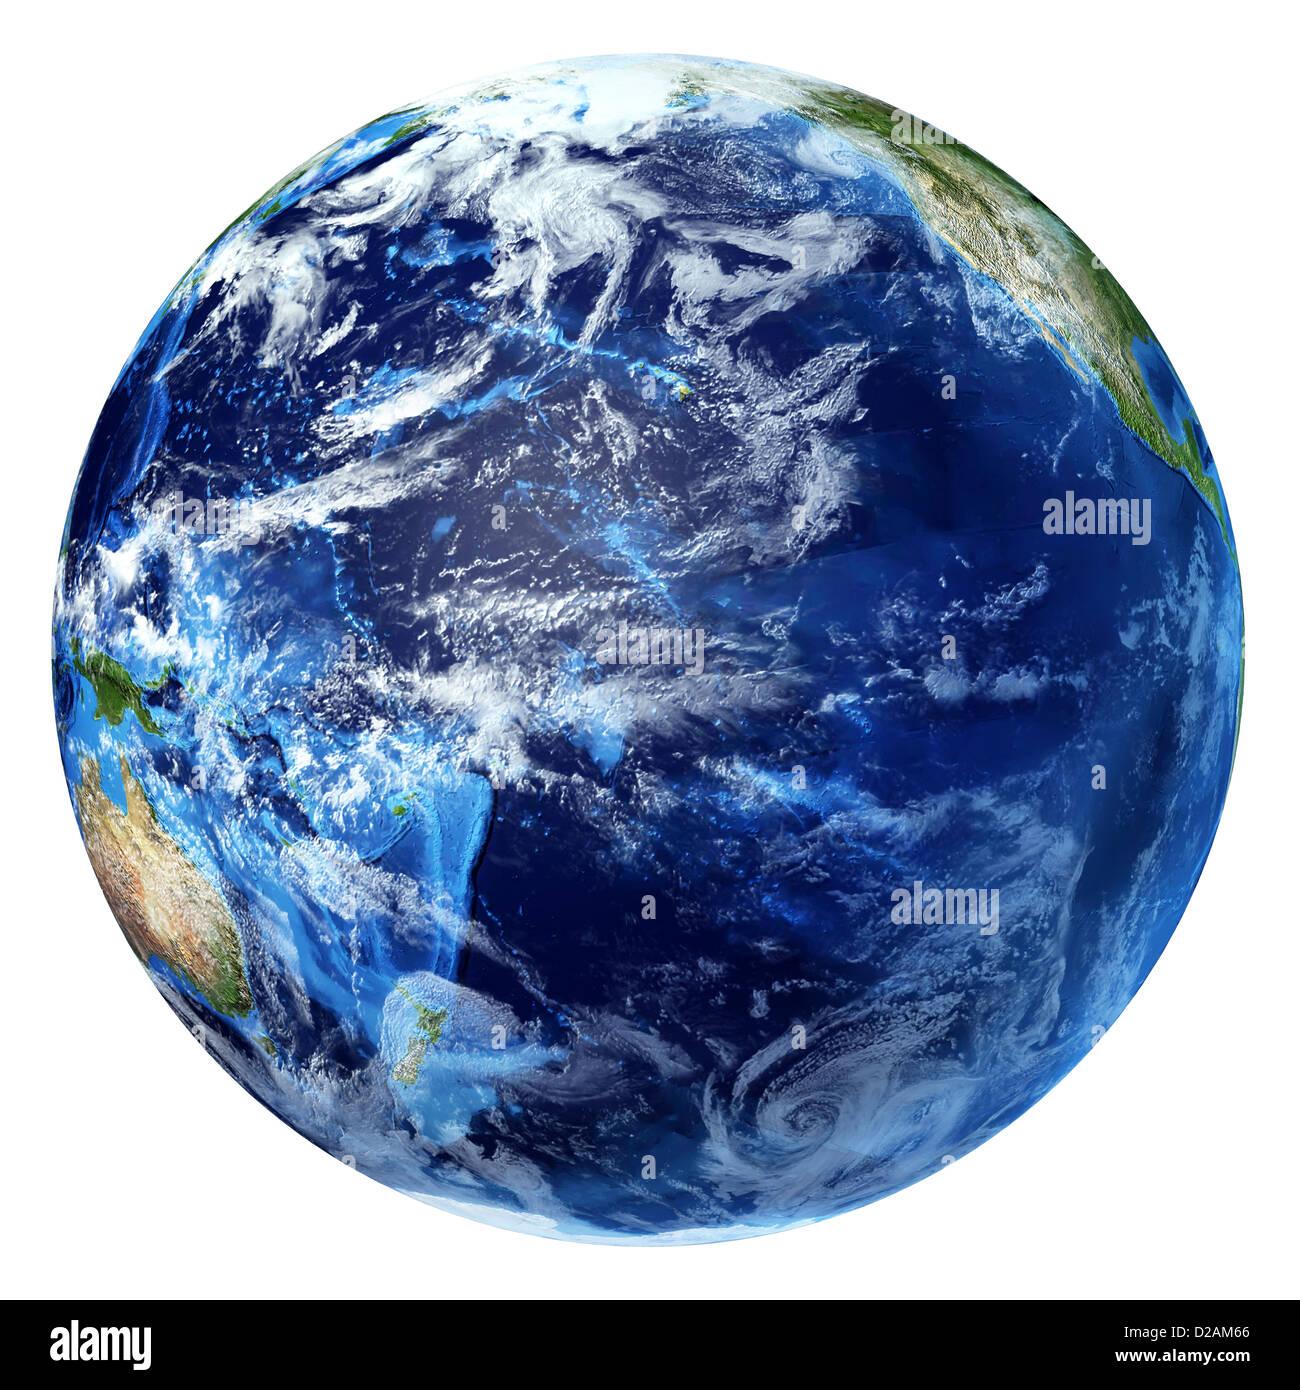 Planeta Tierra con algunas nubes. Con vista al océano Pacífico. Sobre un fondo blanco. Imagen De Stock